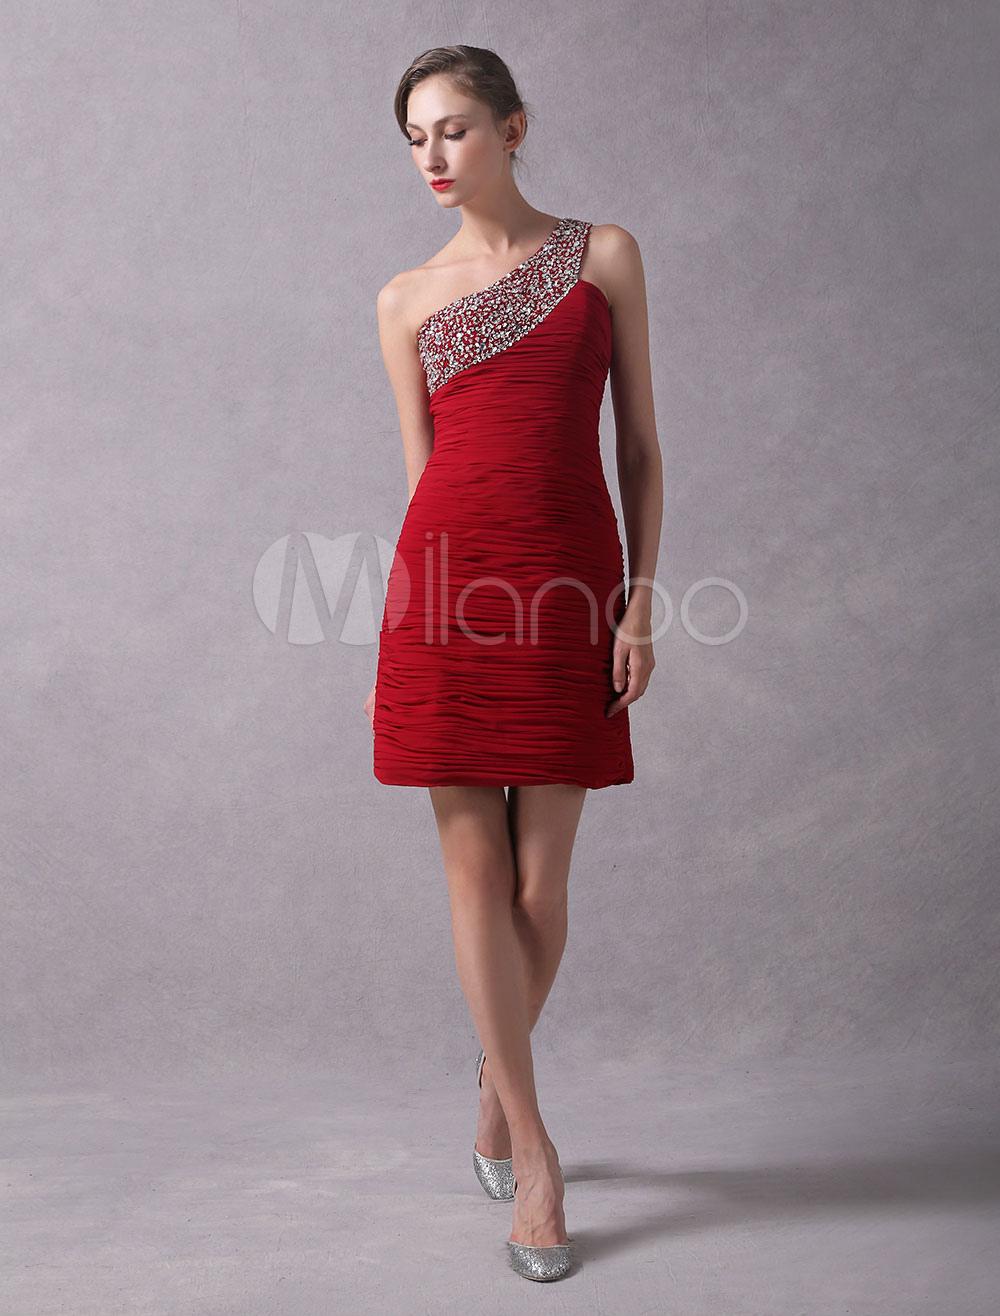 Solo Cóctel Rojo Elegante Chifón Un Escote A De Vestido Con SpGqUMzV